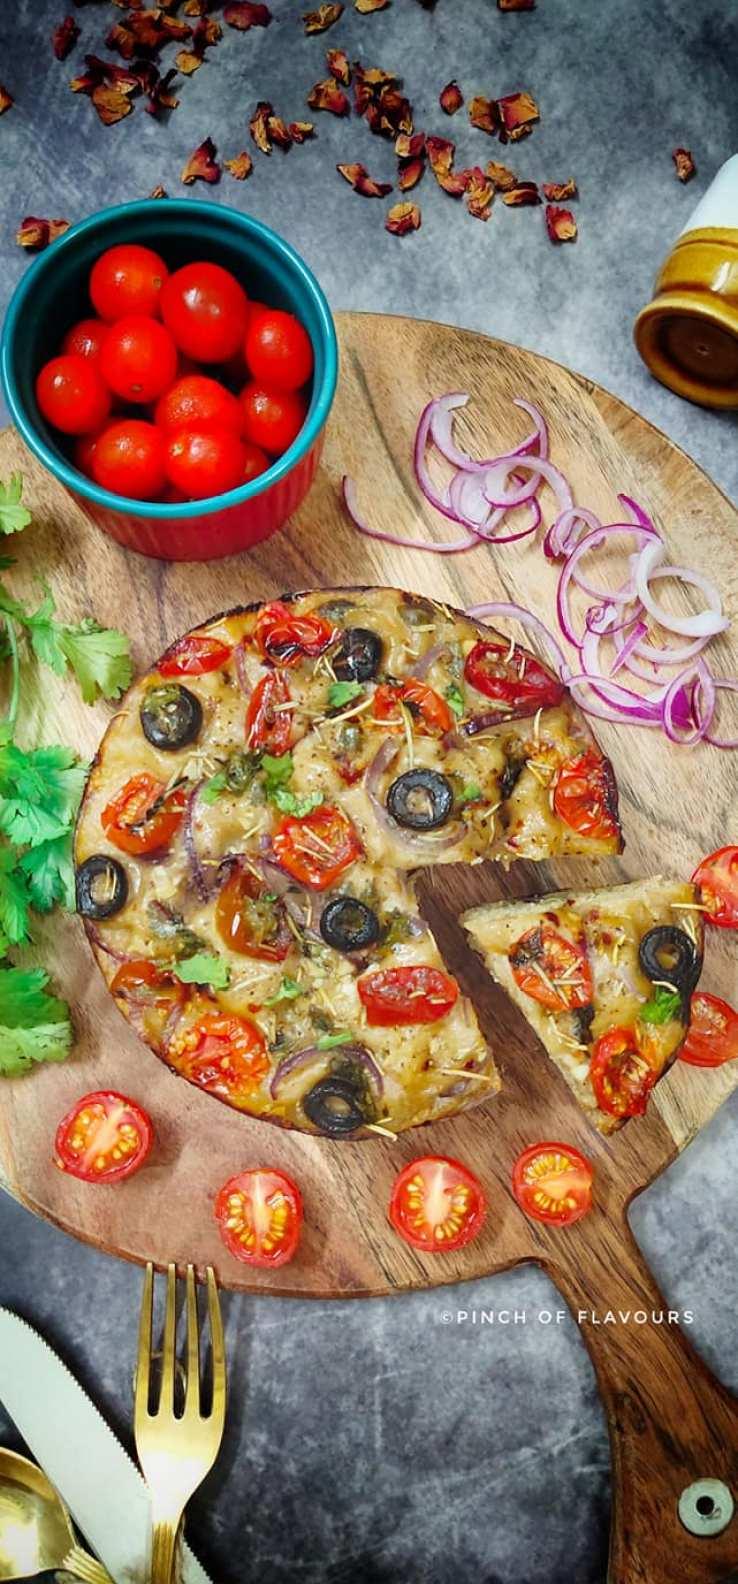 Foccacia Bread with tomato and olive